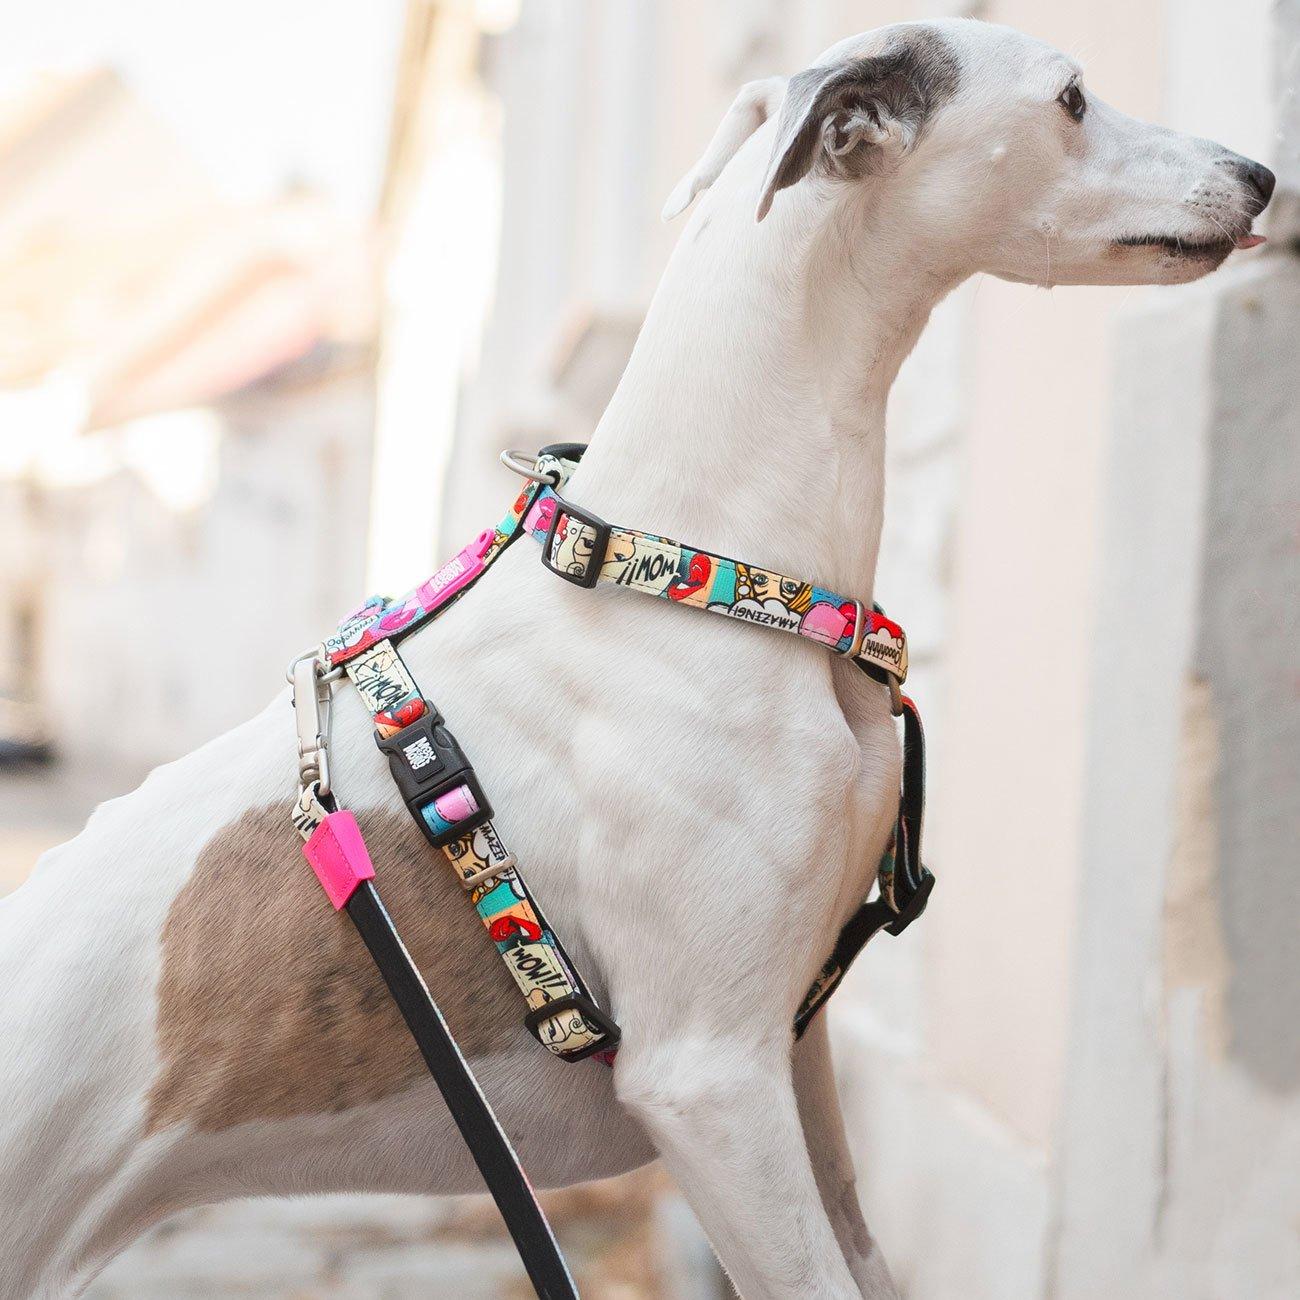 Max & Molly H-Geschirr für Hunde Missy Pop, Bild 2